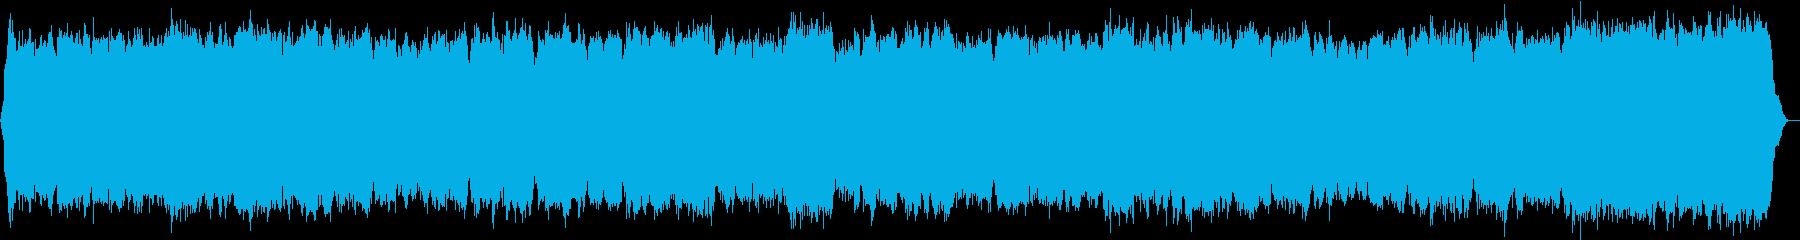 ヒーリング リラックス 癒し 幻想的 2の再生済みの波形